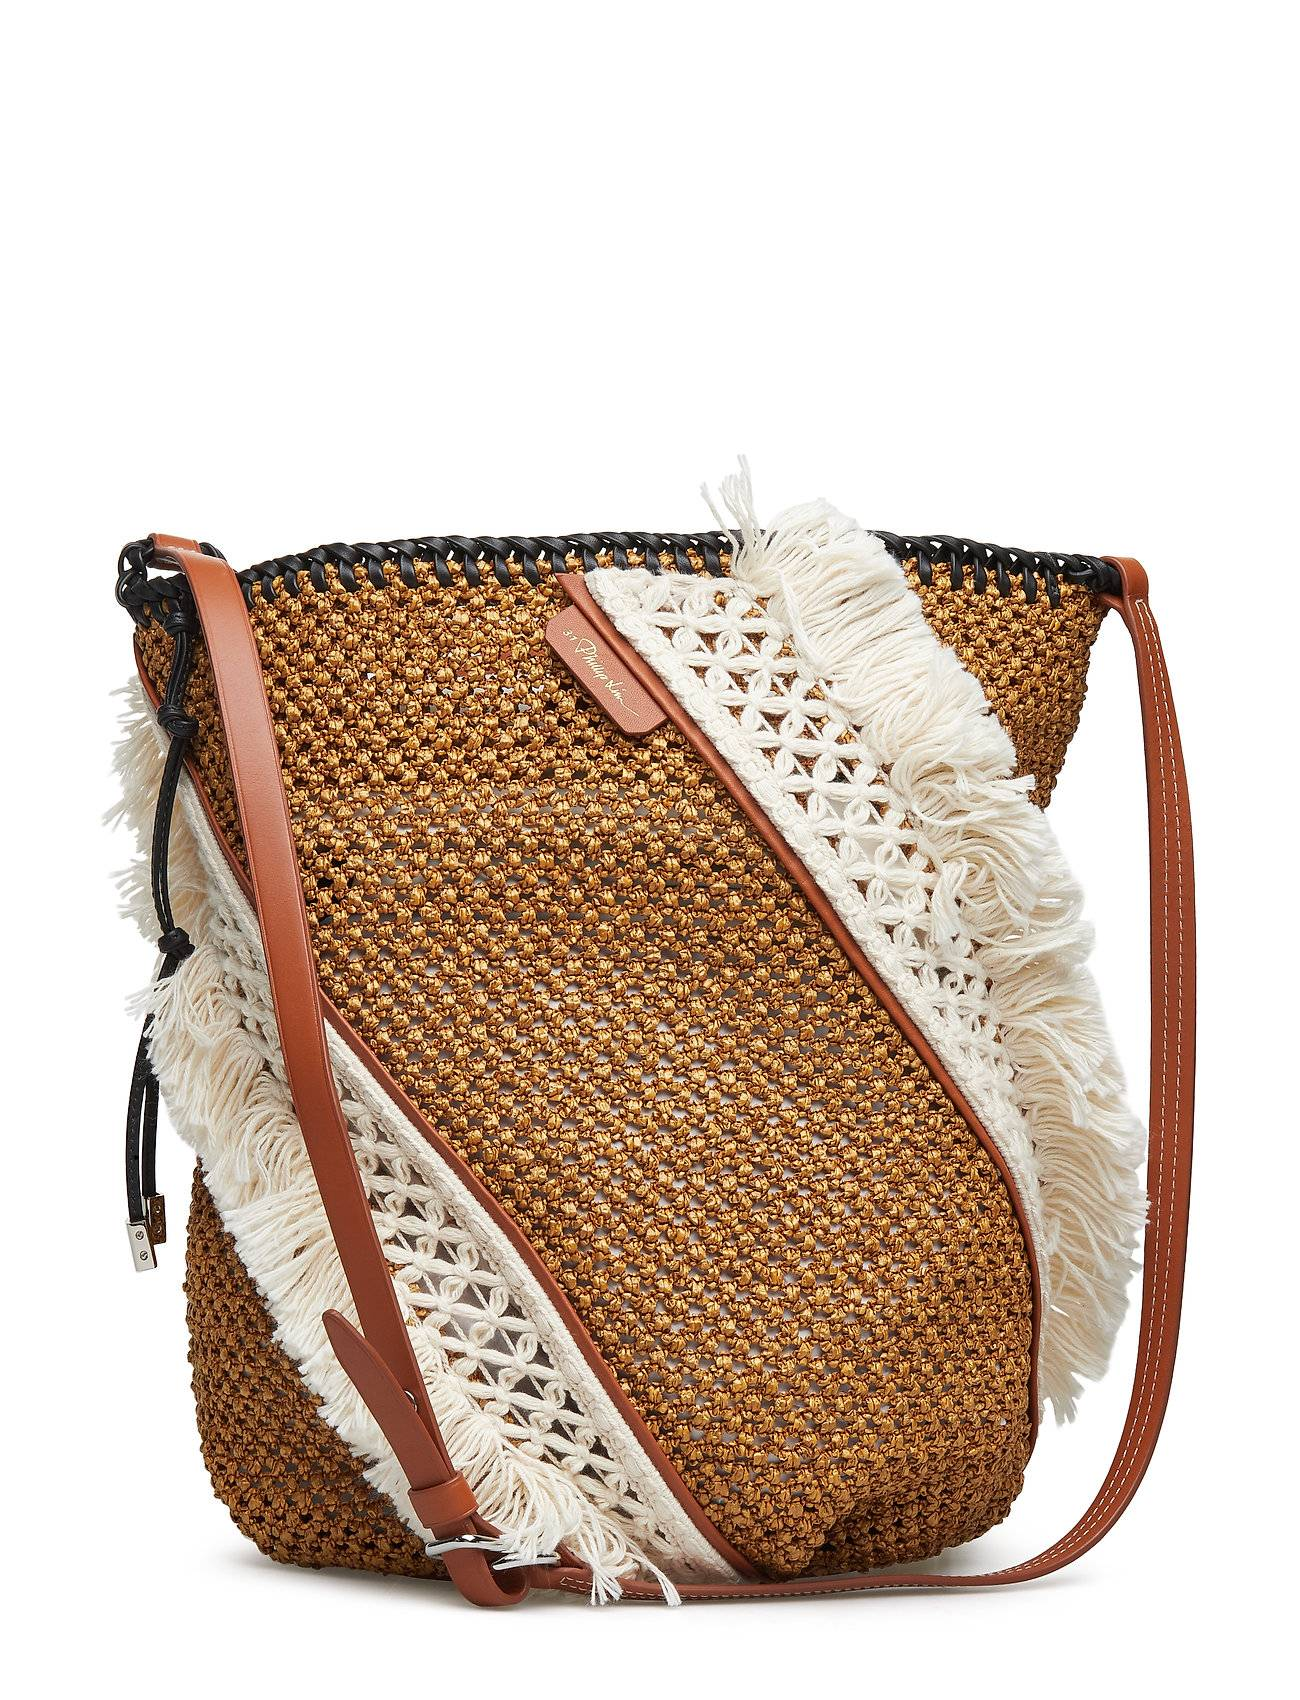 3.1 Phillip Lim Marlee Open Weave Bag W Fringe